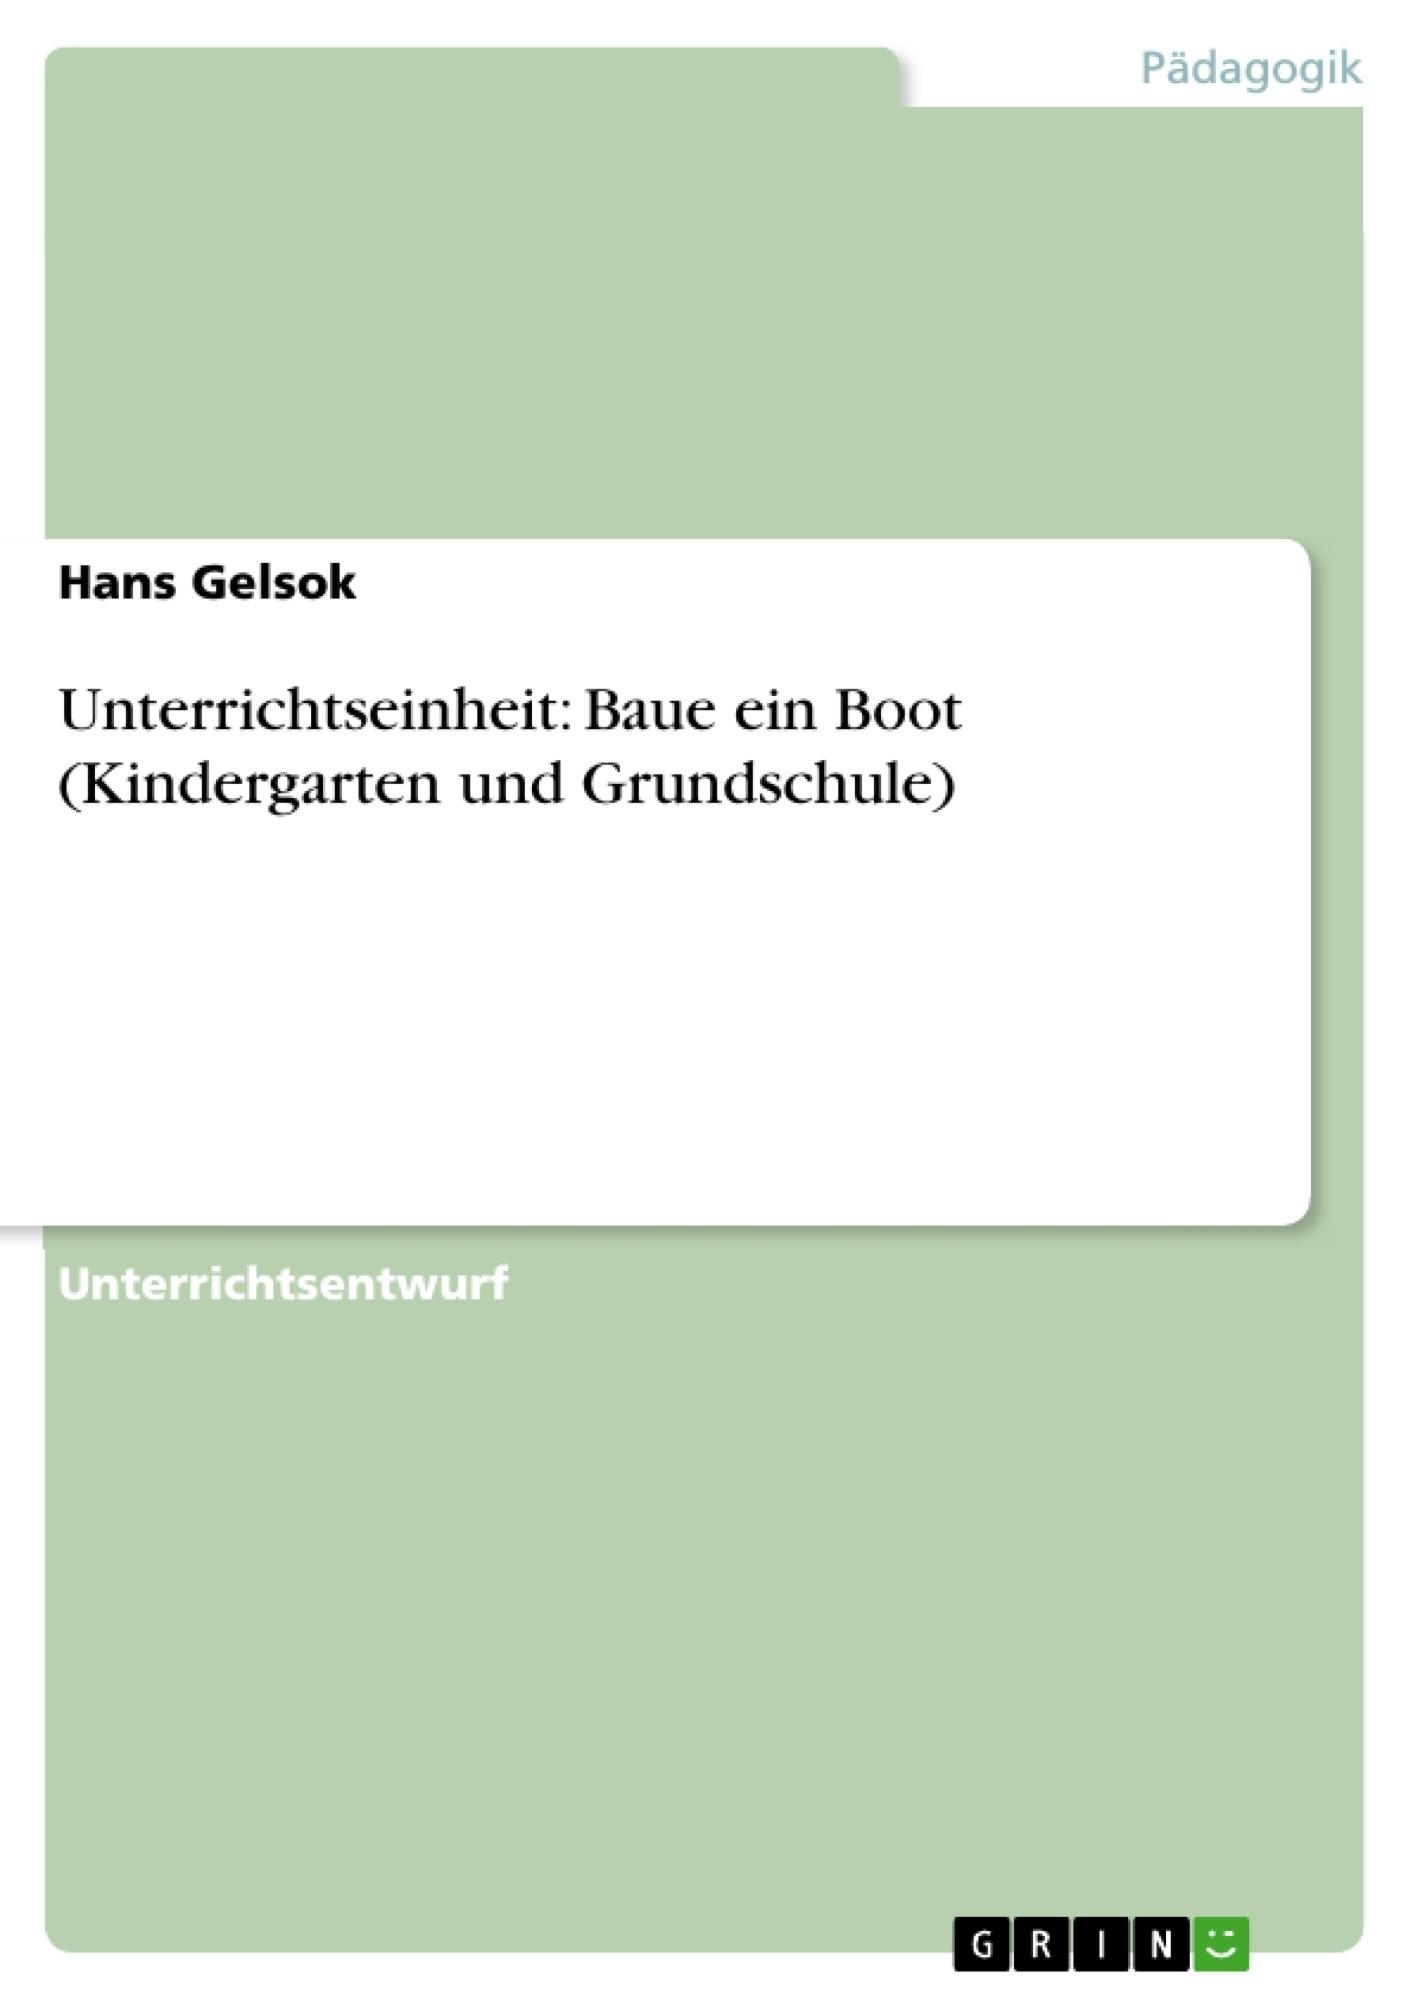 Titel: Unterrichtseinheit: Baue ein Boot (Kindergarten und Grundschule)